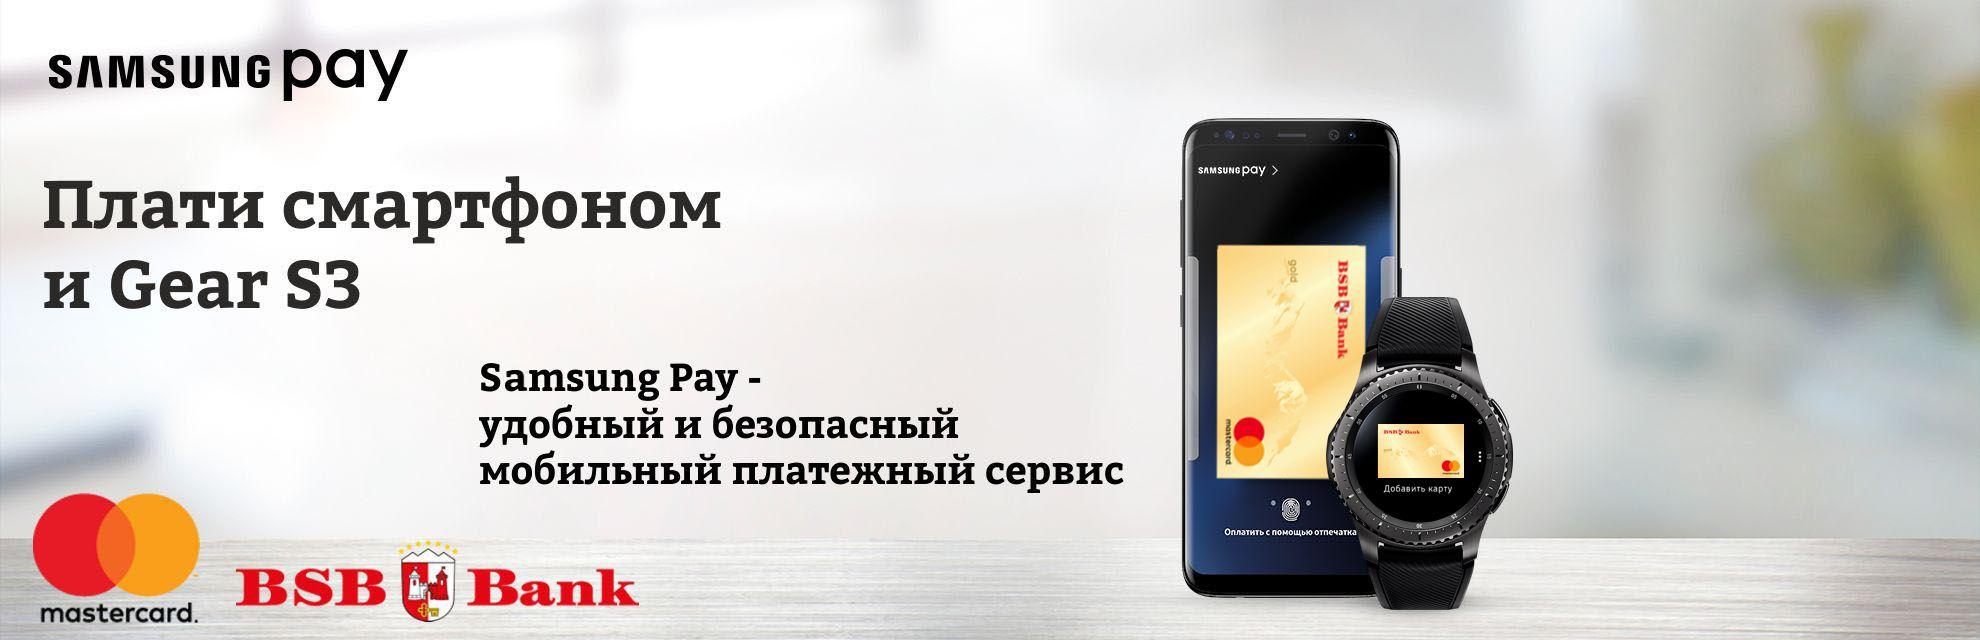 Минск – банковские карты UnionPay с сервисом Samsung Pay